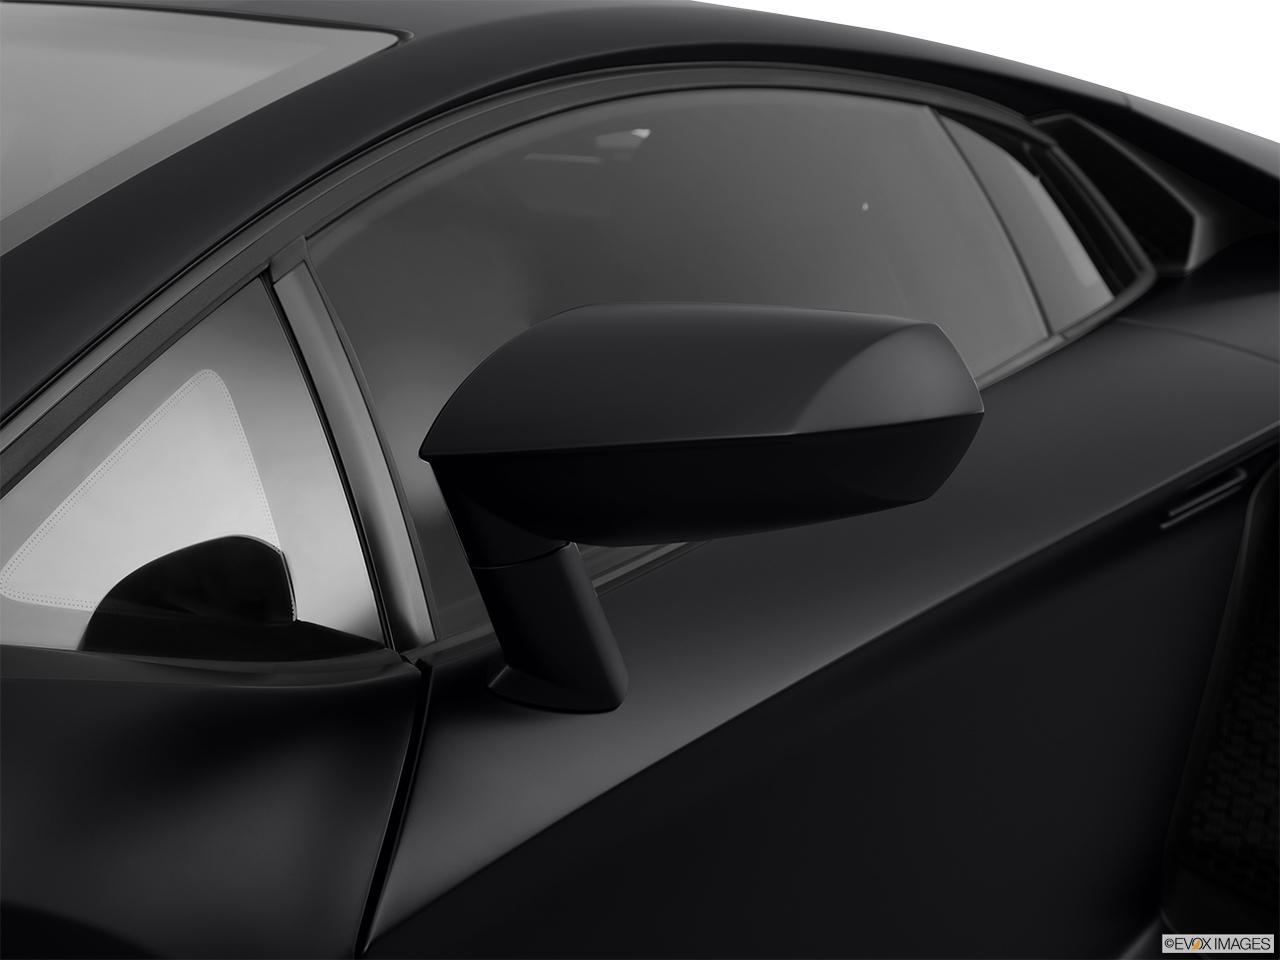 2013 Lamborghini Aventador Coupe Driver S Side Mirror Rear